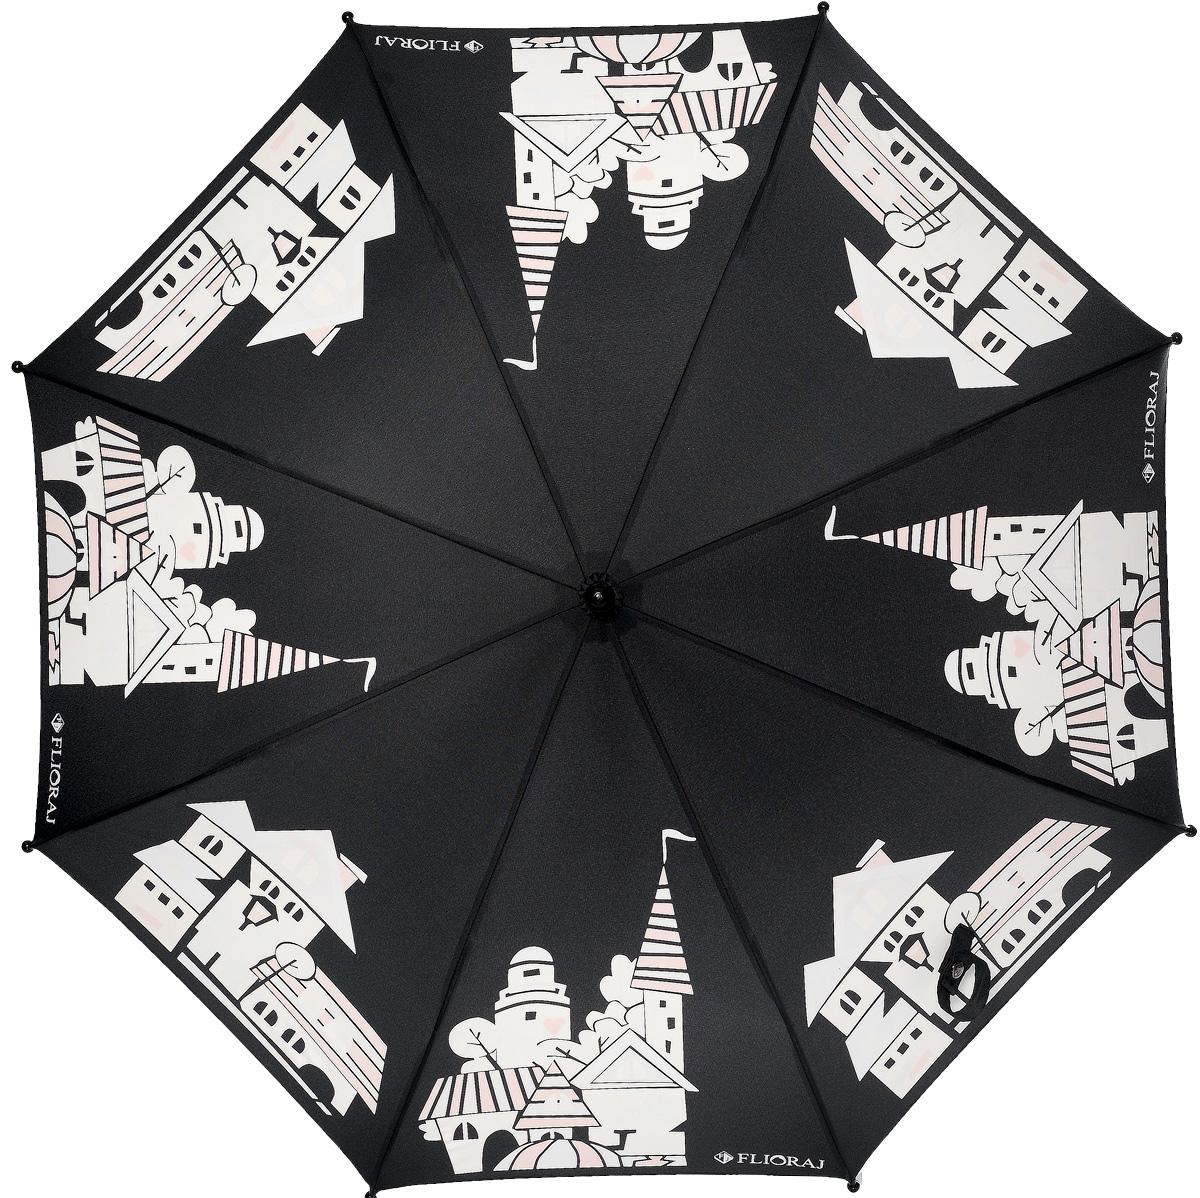 Зонт детский Flioraj, механика, трость, цвет: черный, белый. 051207REM12-CAM-REDBLACKСказочный зонт-раскраска! Дождь раскрасит безликие, белые здания в радужные, веселые домики. Под таким зонтом дождь - только в радость. Широкий выбор расцветок позволит найти подходящий вариант. Детский зонтикFlioraj с поверхностью реагирующей на воду, при намокании рисунок становится цветным, он обязательно понравится Вам и Вашему ребенку! Предназначен для детей младшего и среднего школьного возраста. Для удобства предусмотрена безопасная технология открывания и закрывания зонта. Спицы зонта изготовлены из долговечного, но при этом легкого фибергласса, что делает его ветроустойчивым и прочным.